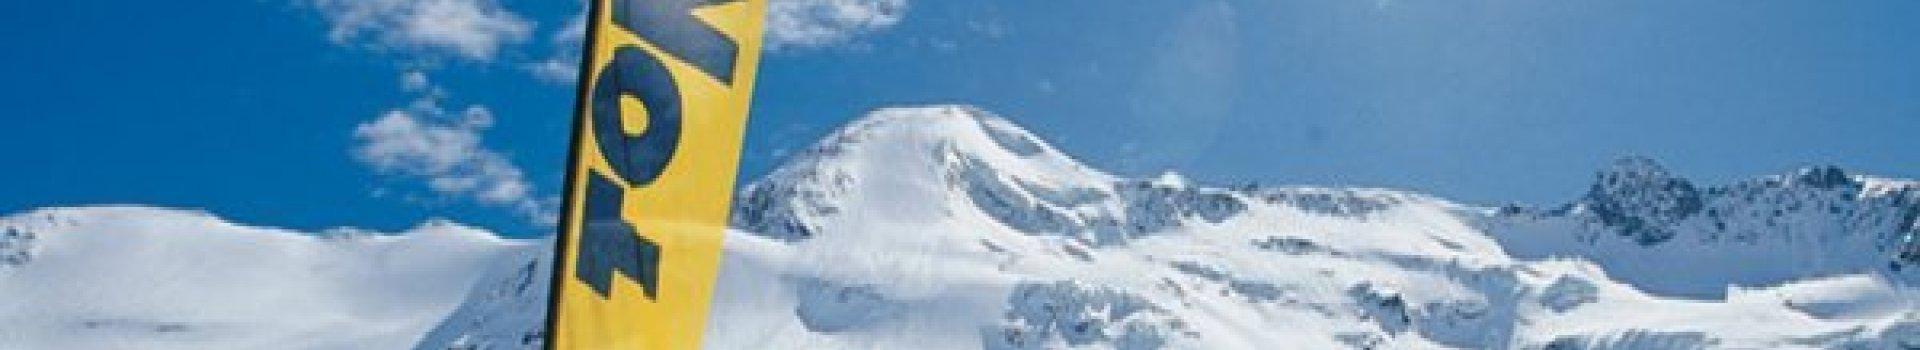 Toko wyjątkowe smary i akcesoria do nart i snowboardów. Toko robi różnicę!